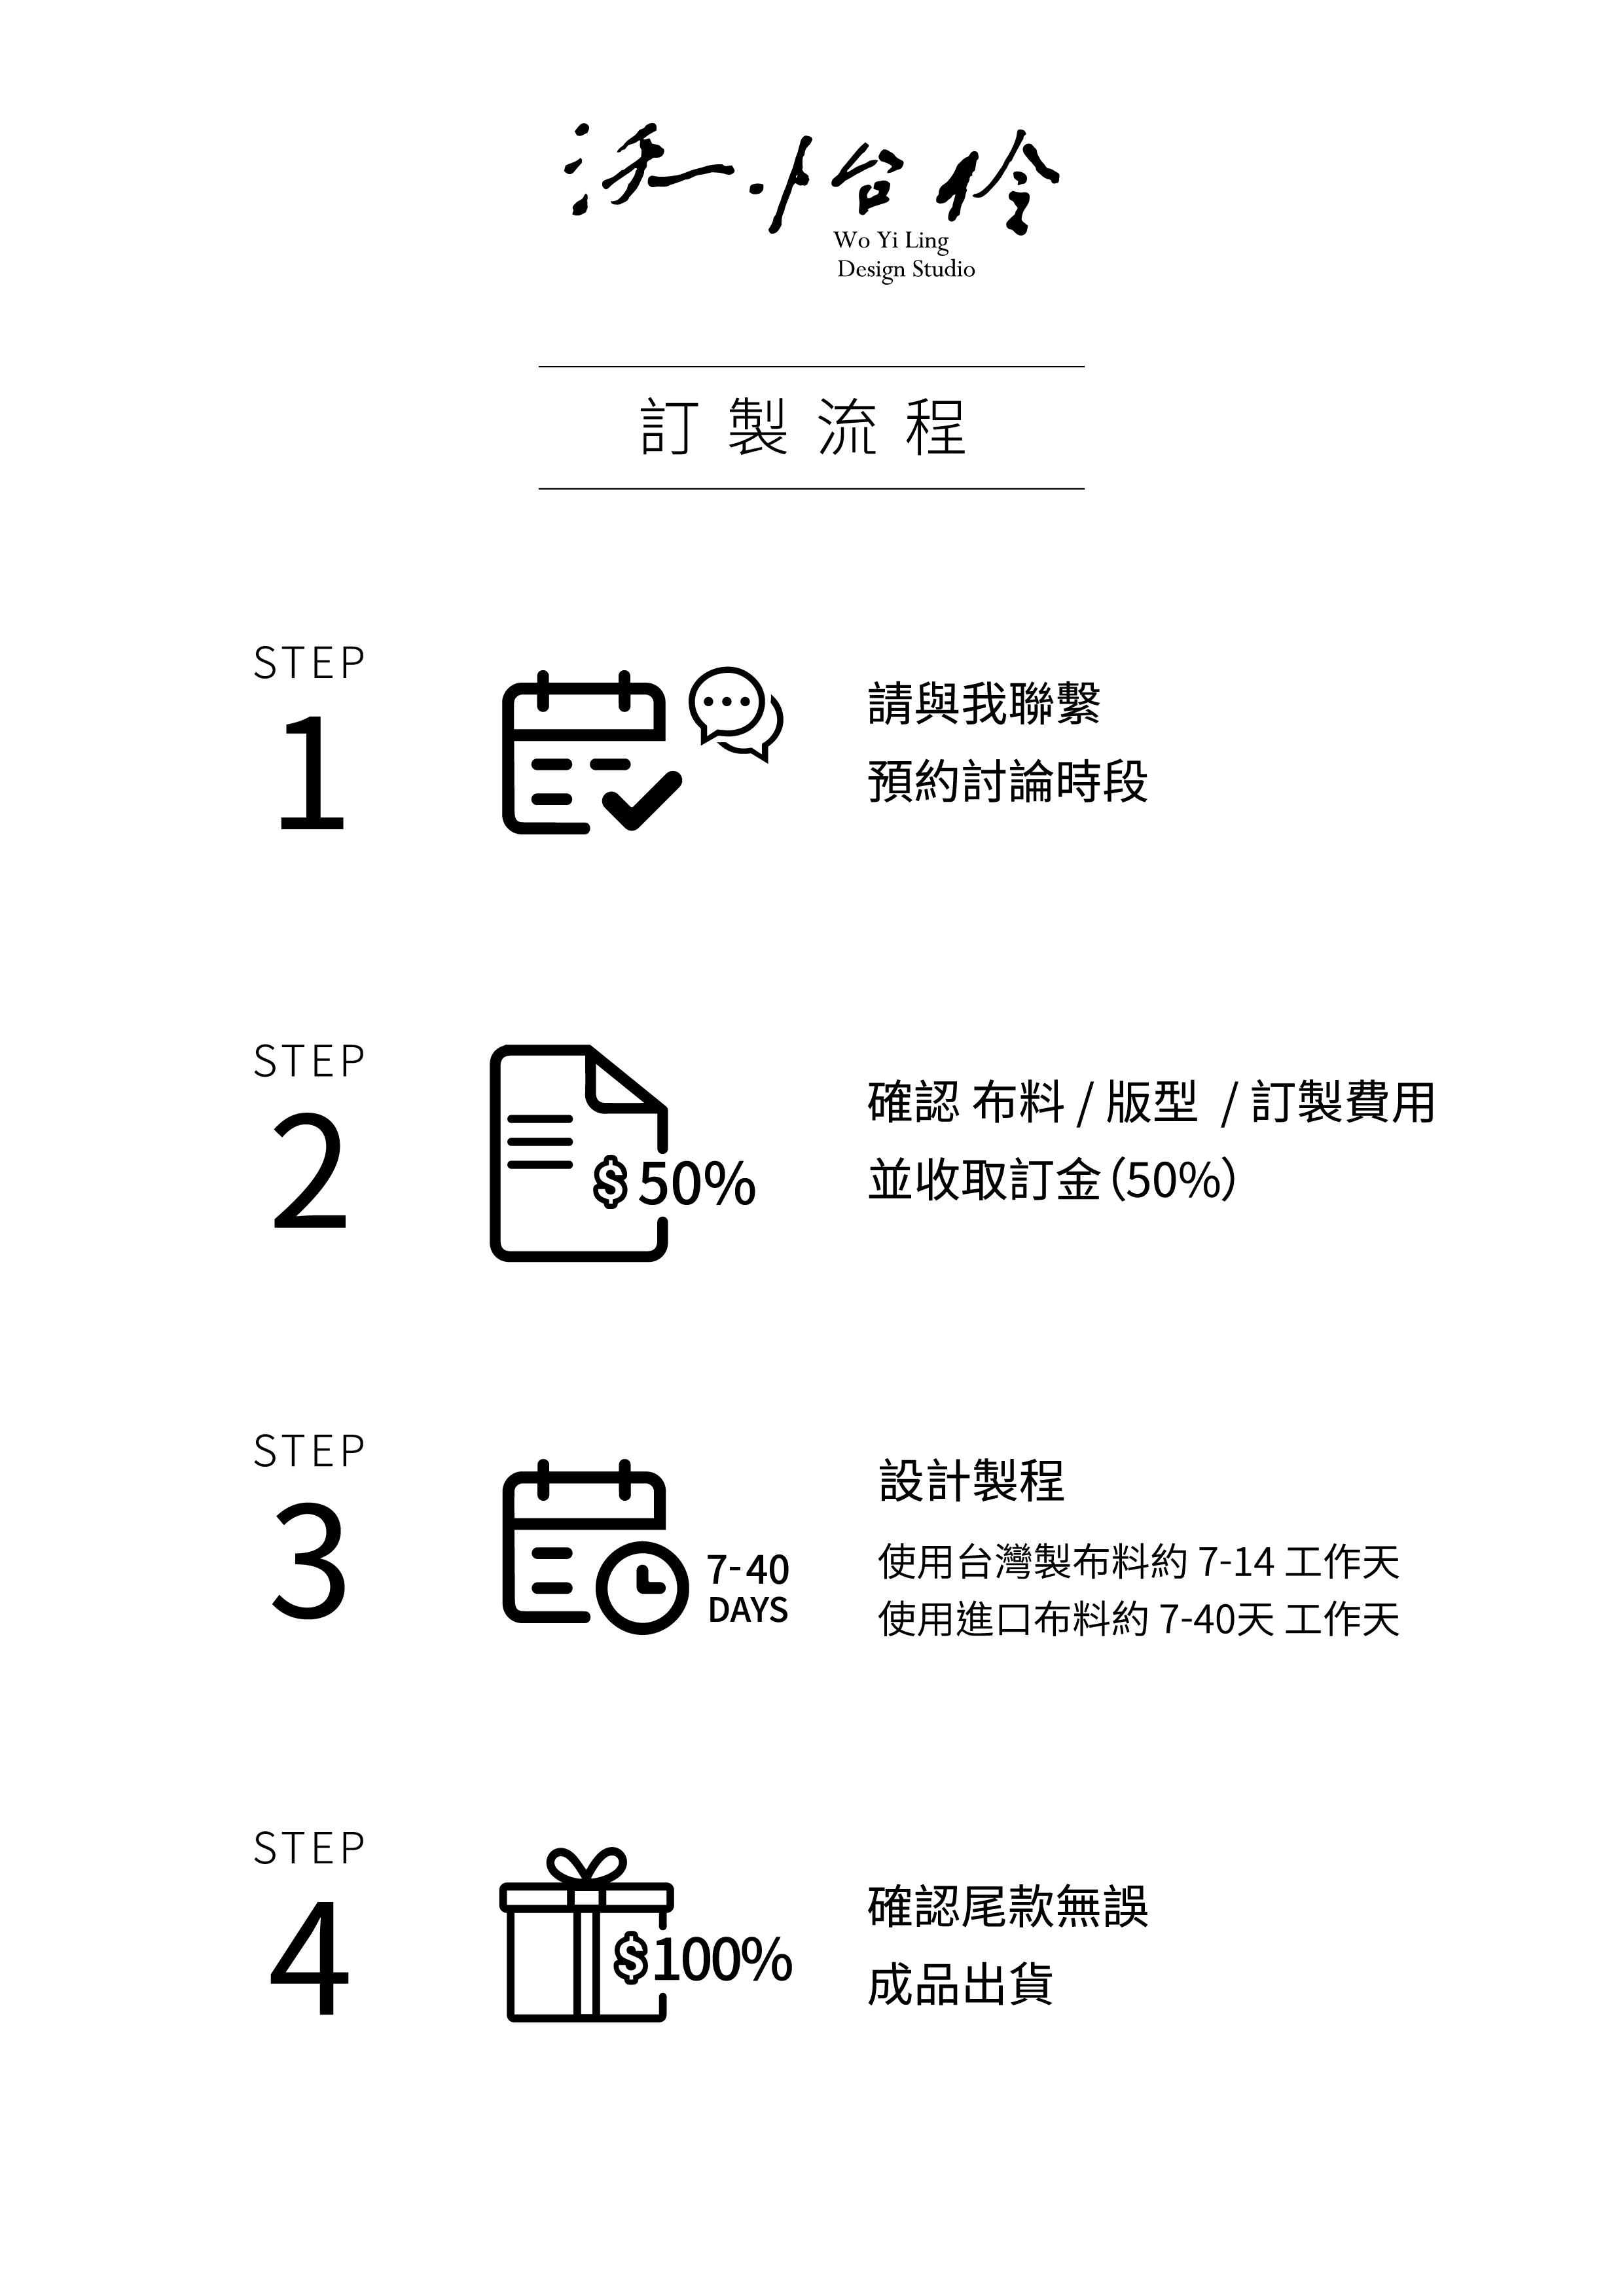 沃怡伶訂製流程.jpg